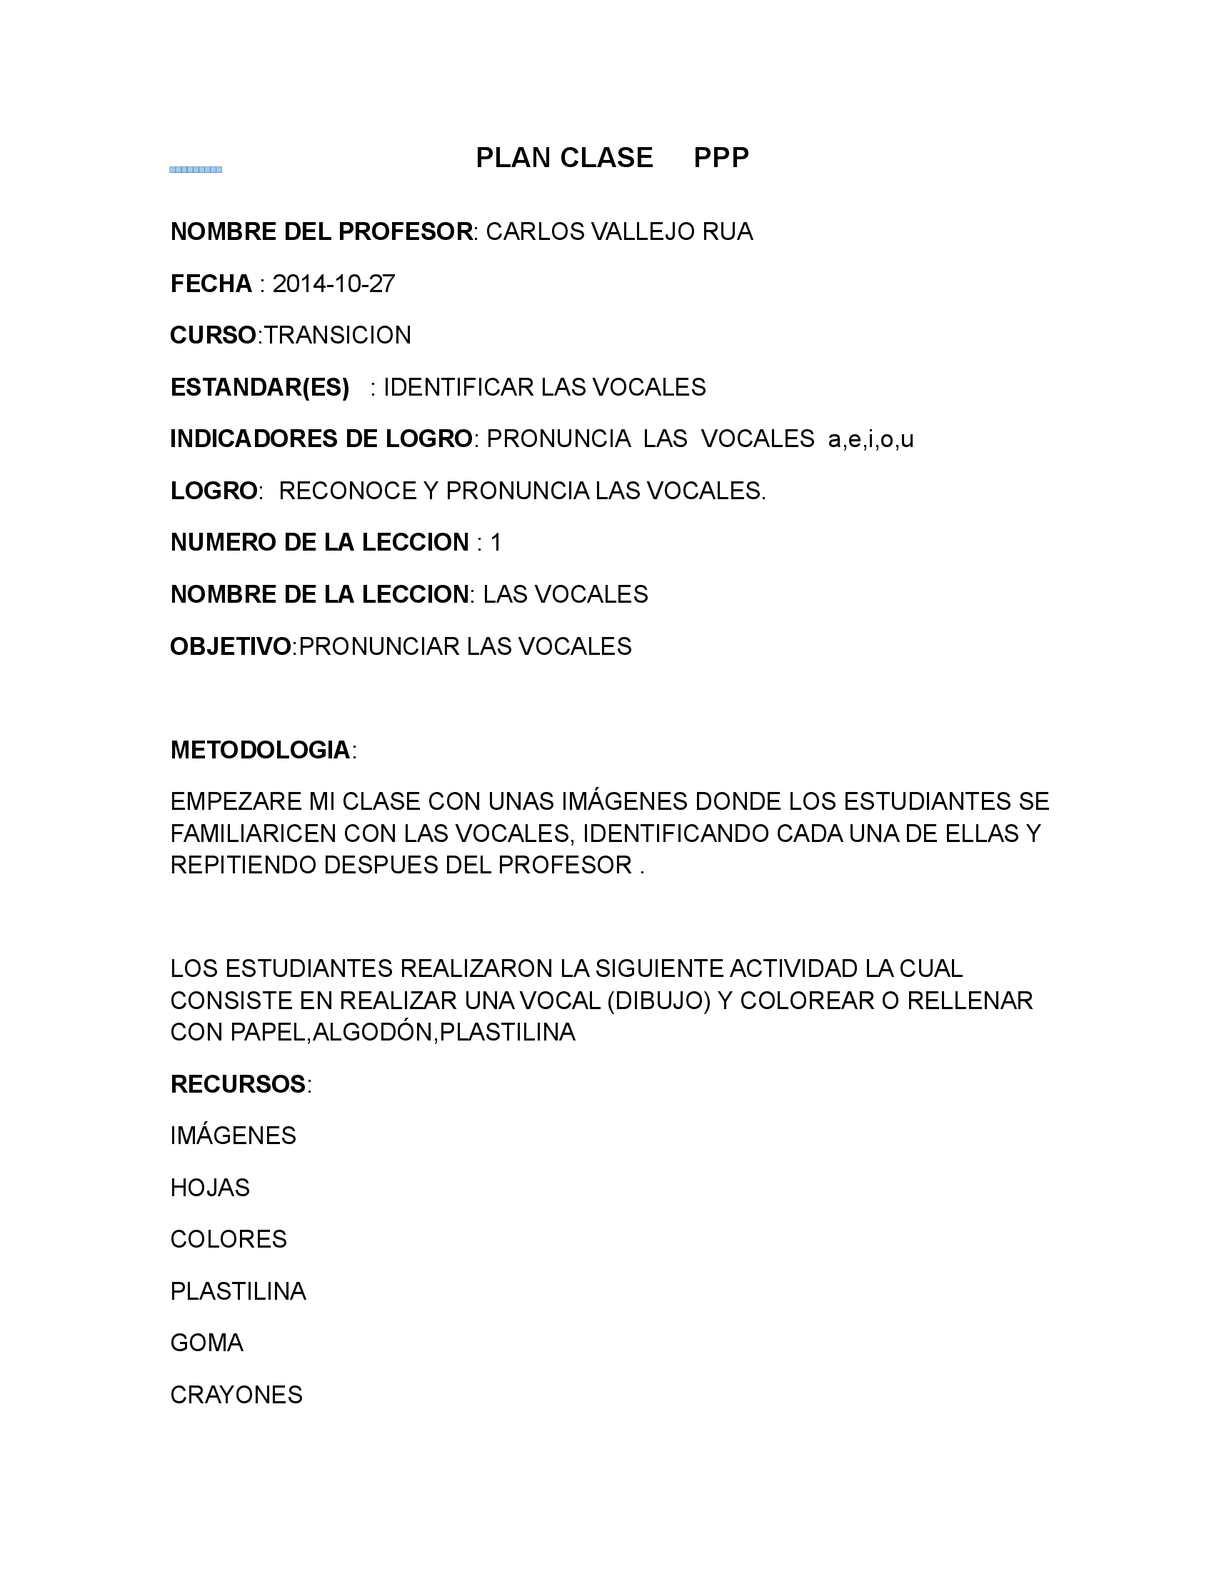 Calaméo Plan Clase Carlos Vallejo Rua 1